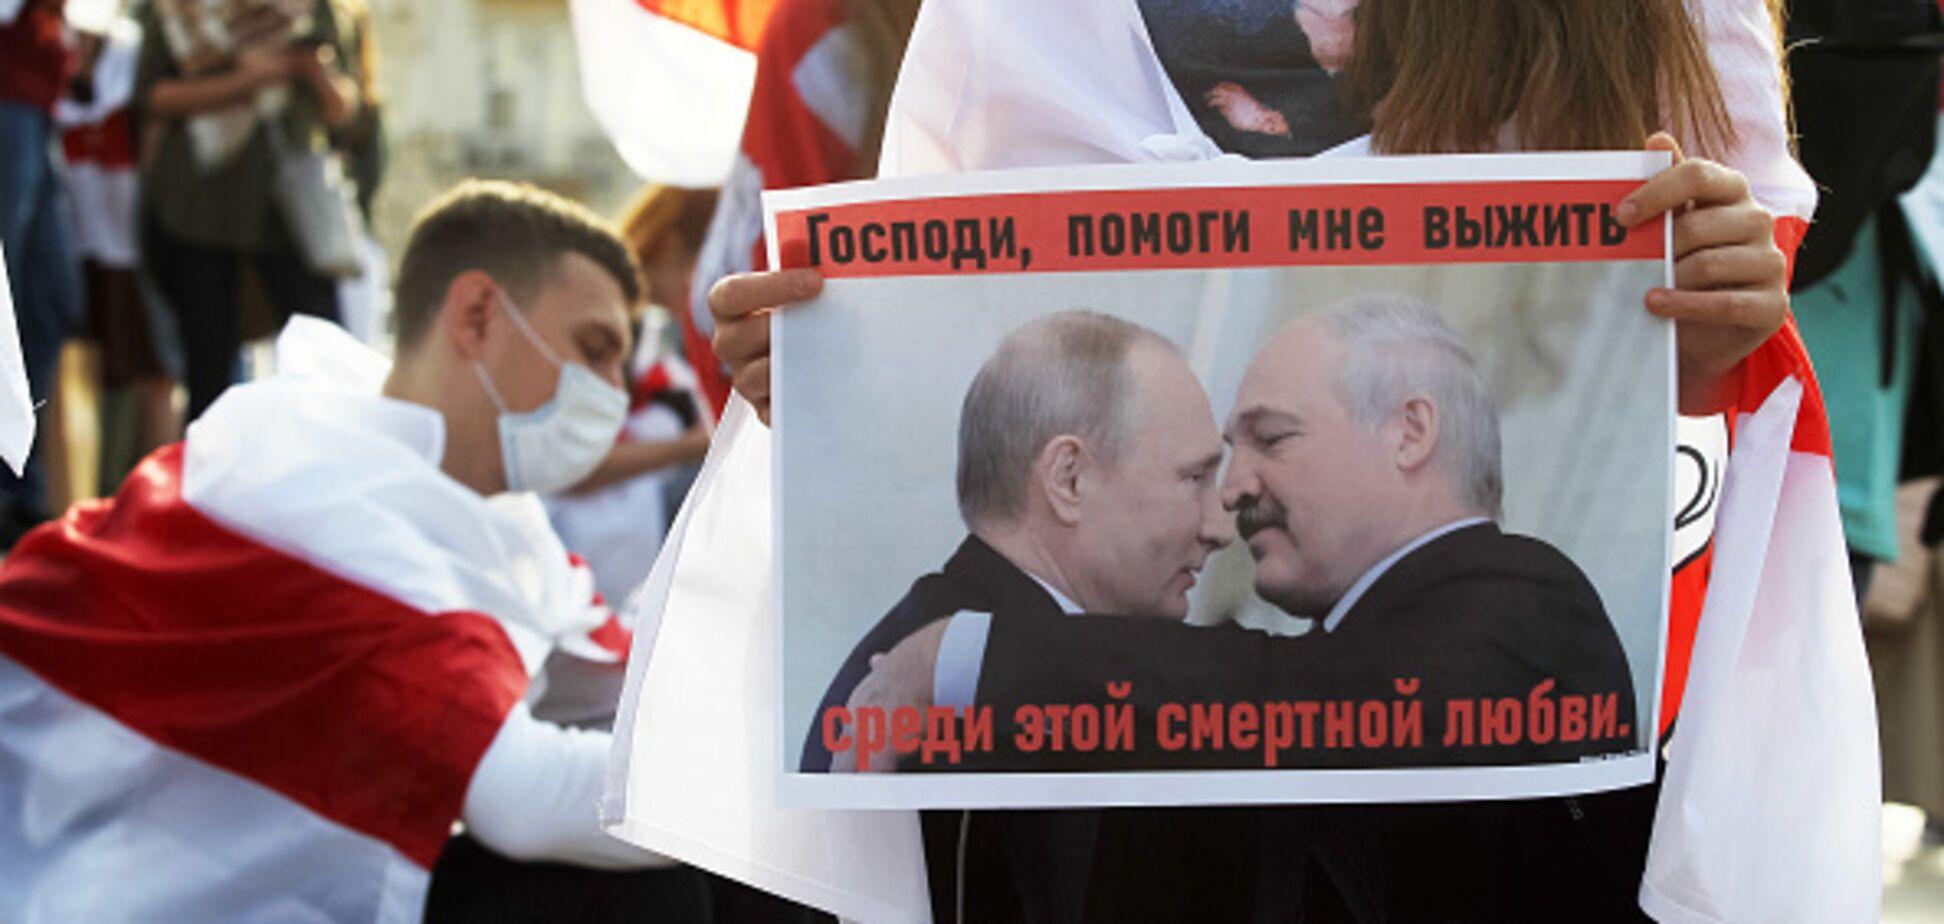 Протести в Білорусі проти нелегітимного президента Лукашенка